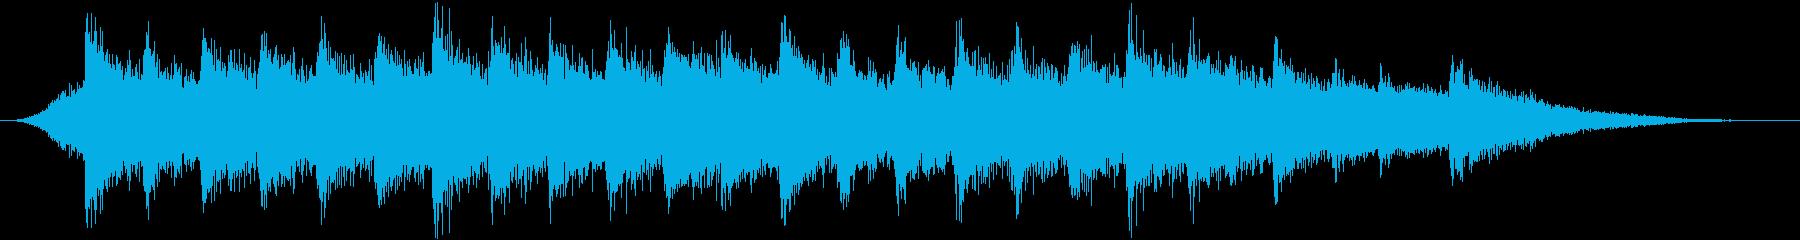 和風ジングル/ピアノ箏三味線の雄大なコクの再生済みの波形